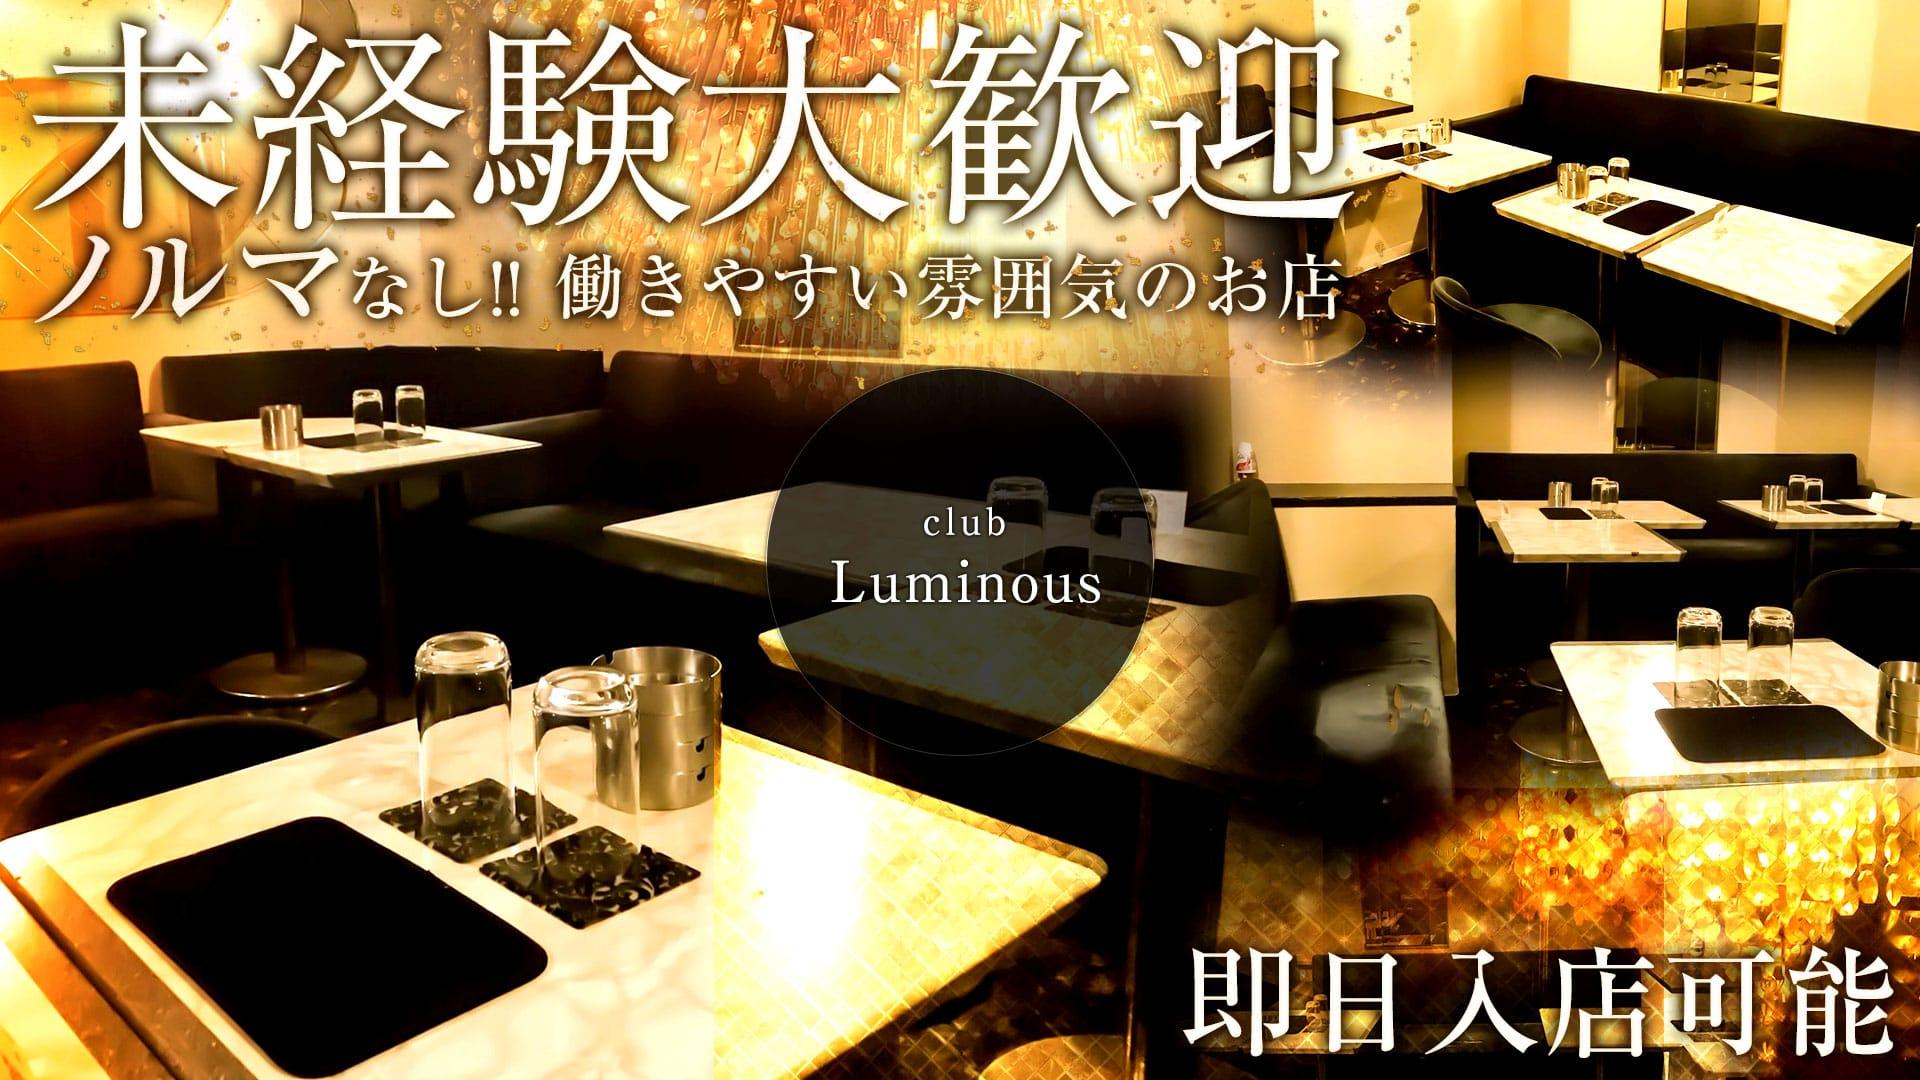 Club Luminous[クラブ ルミナス] TOP画像